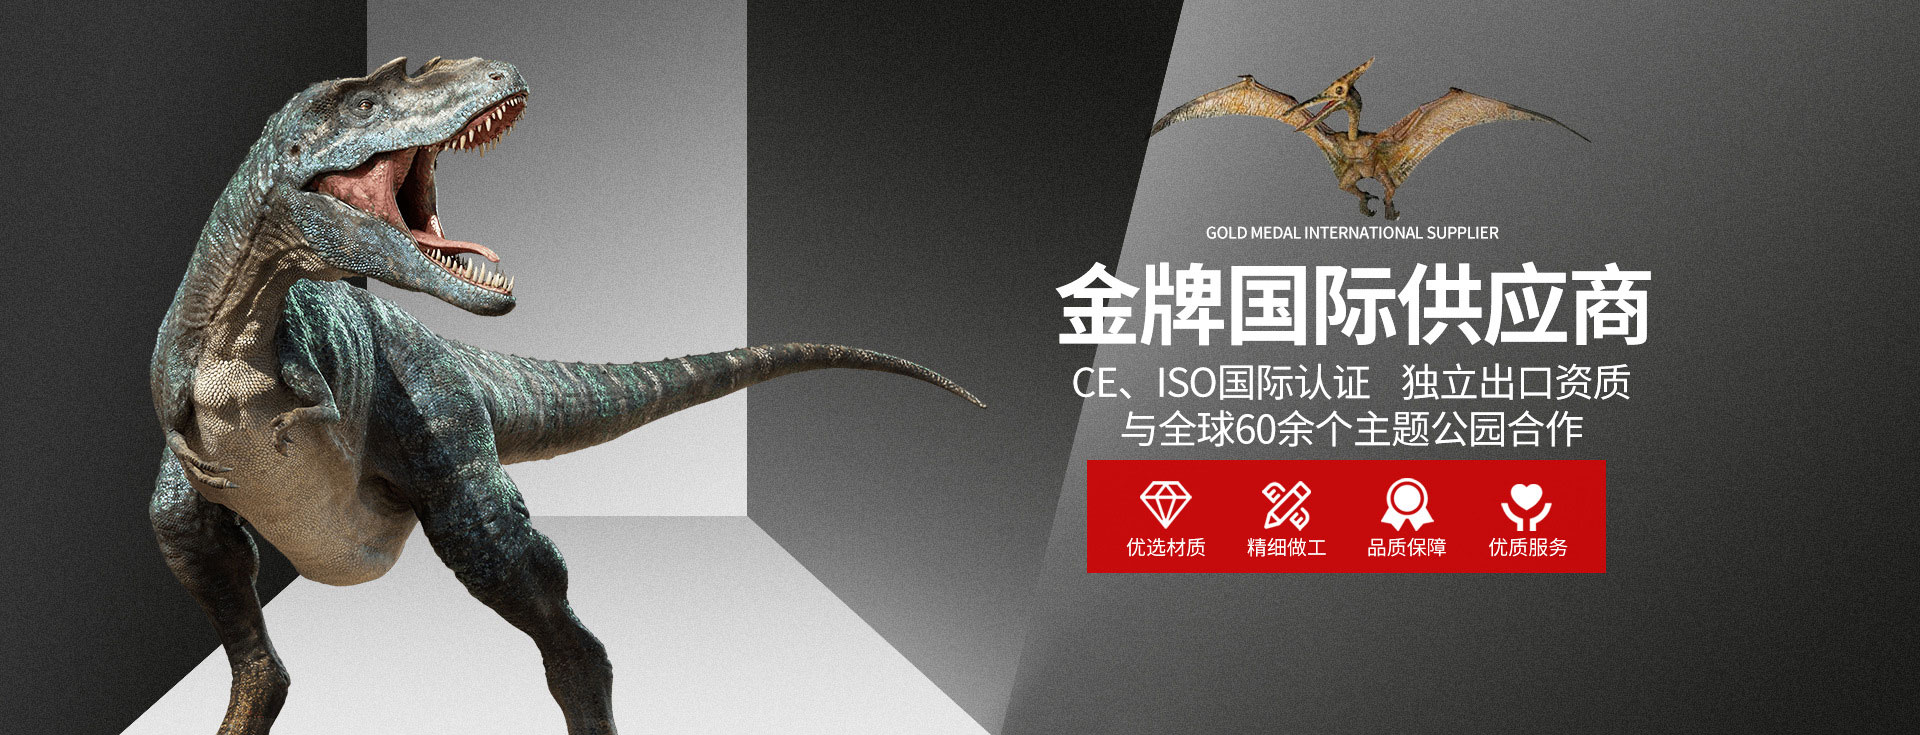 自贡龙8游戏官方网站登录艺术有限责任公司-龙8娱乐最新网址long8国际手机版制作厂家